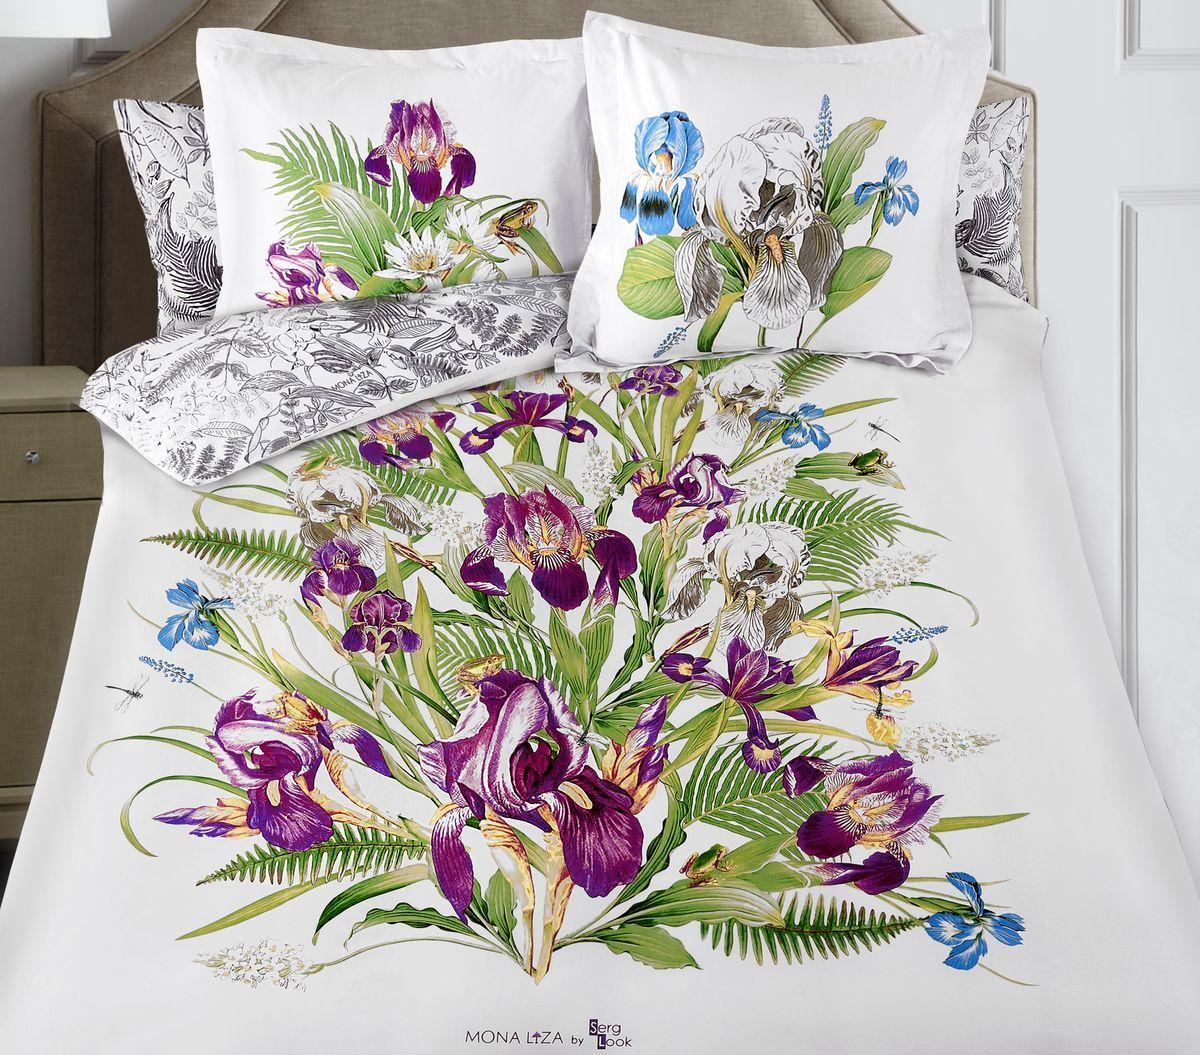 Комплект белья Mona Liza Iris, евро, наволочки 50x70, 70x70CLP446Флоральные мотивы редких экзотических цветов, переведенные в паттерн, позаимствованы из путешествий по тропическим лесам, будоражат воображение природными сочетаниями цветовых палитр и роскошью принтов. Коллекция принесет в ваш дом незабываемое настроение и добавит колорит. Высококачественный сатин окутает и позволит раствориться в мечтах о дальних жарких странах и окунуться во время вечного лета!